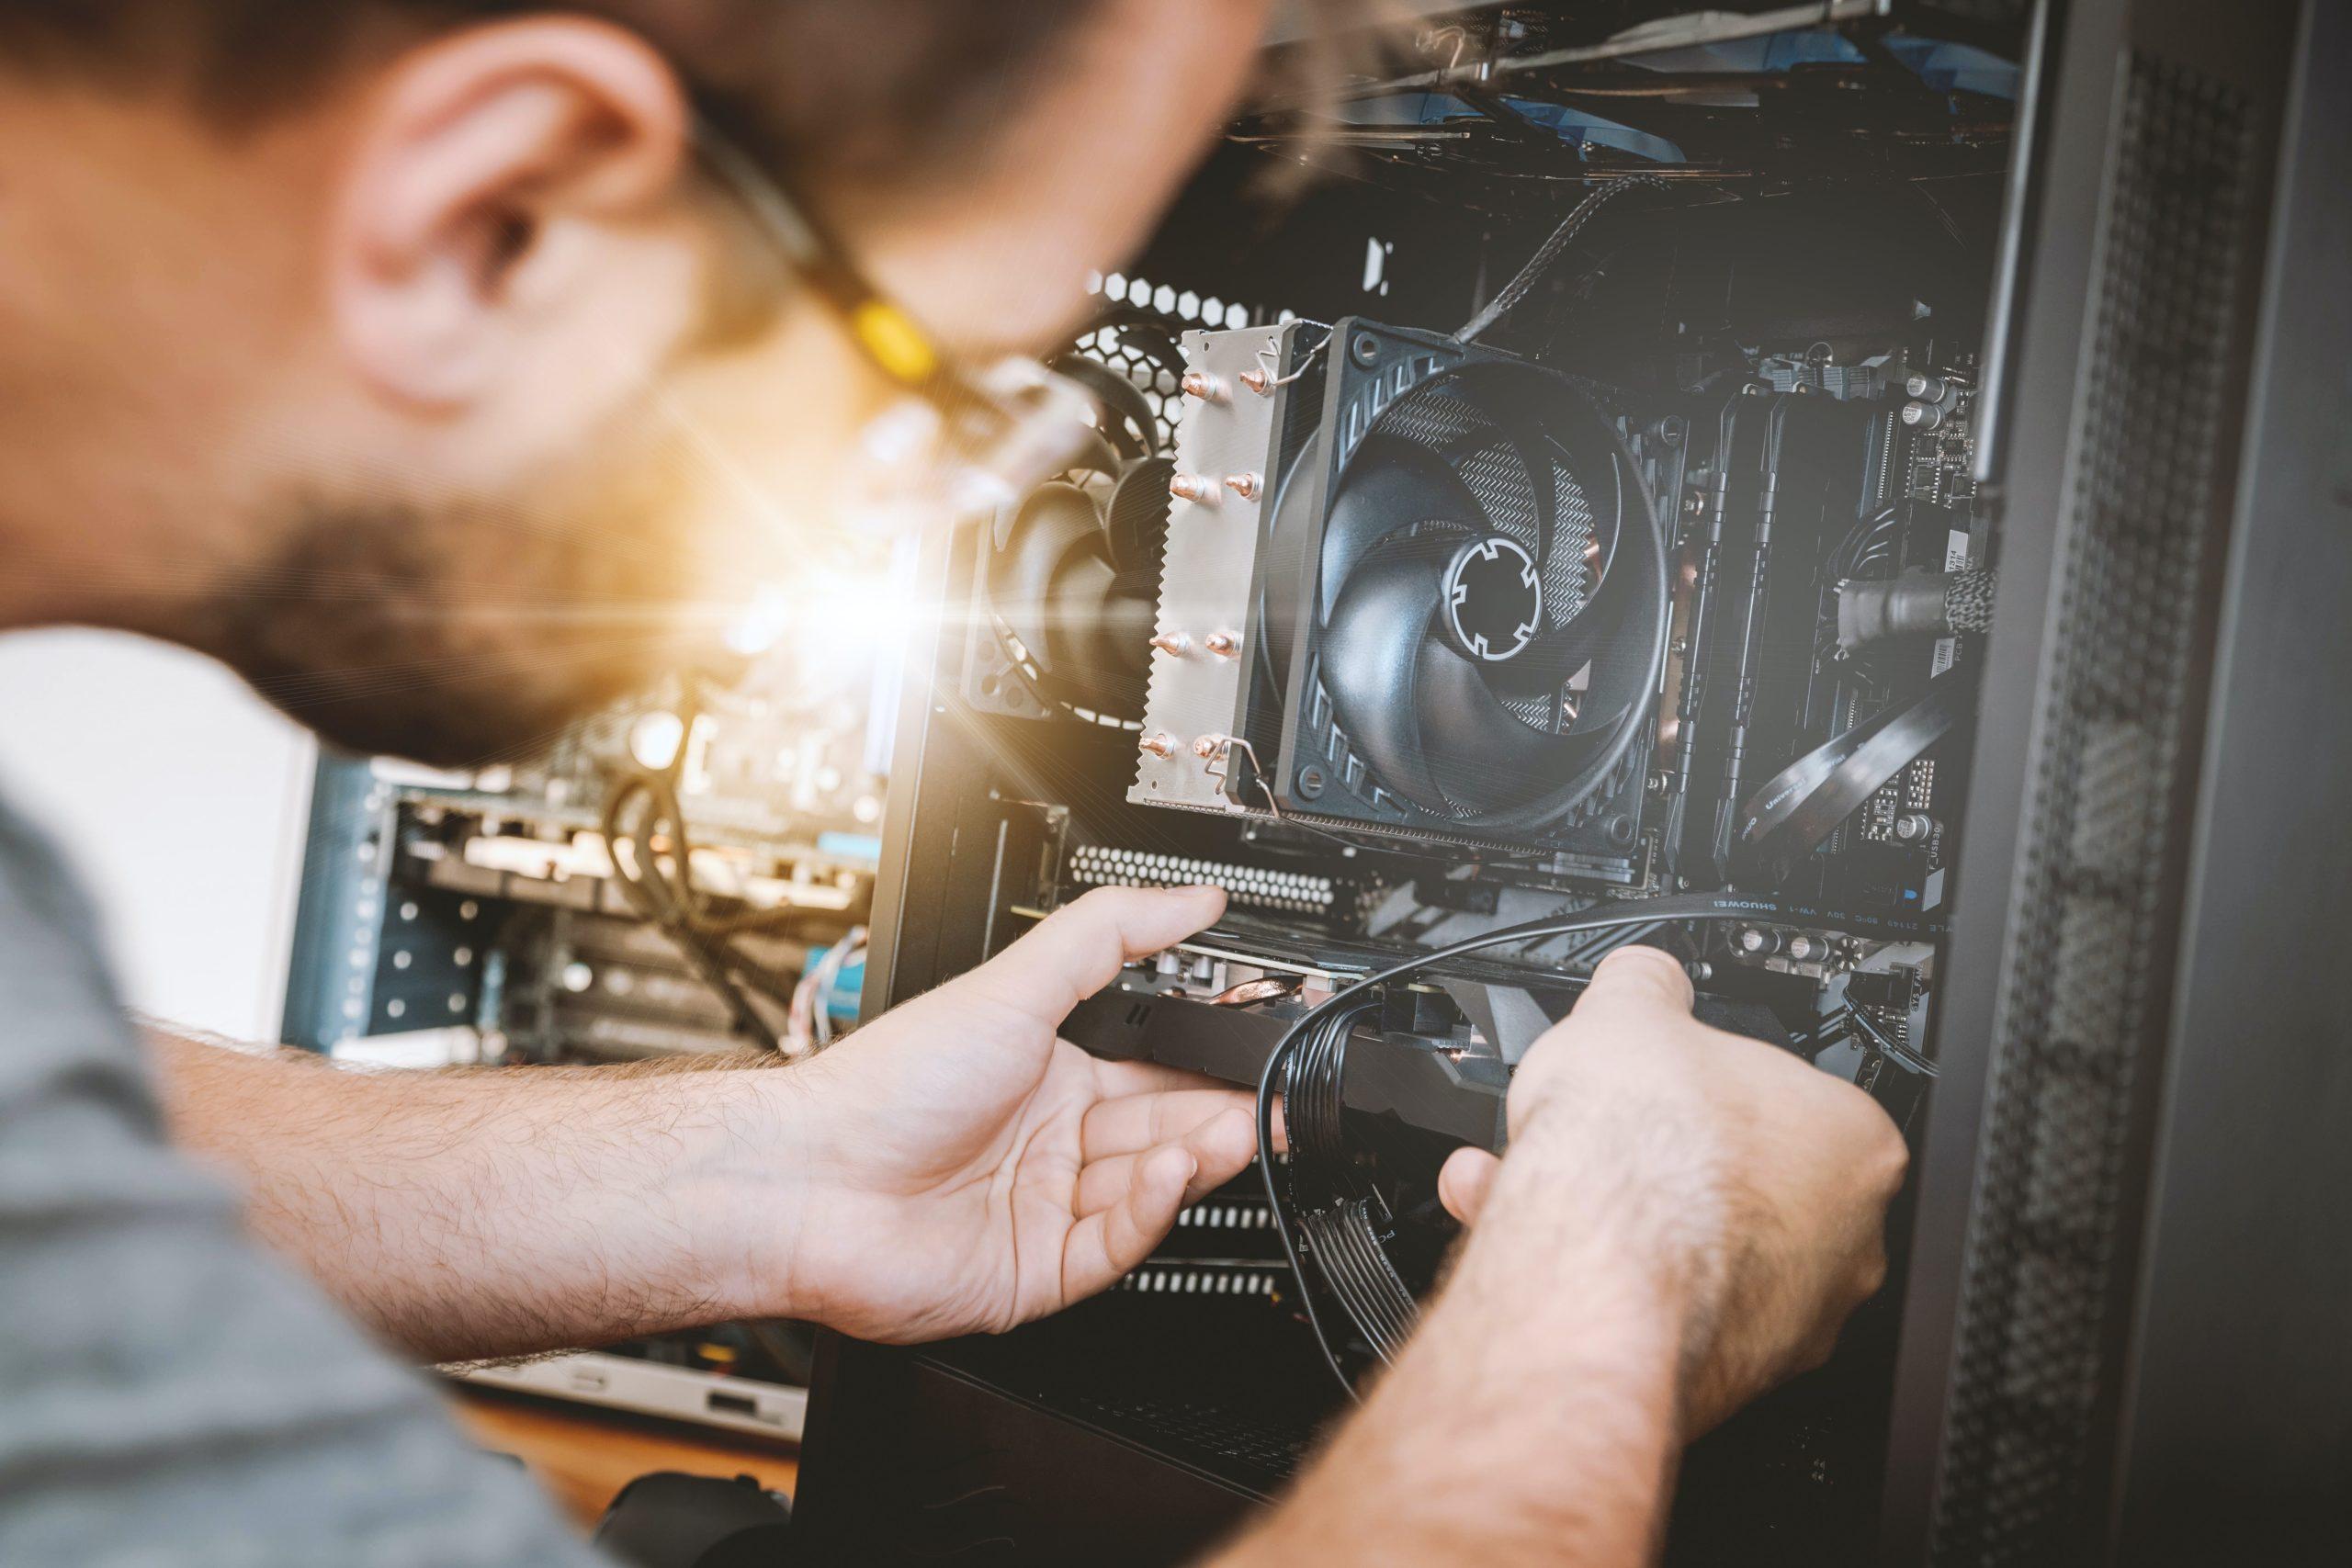 un homme répare une infrastructure informatique